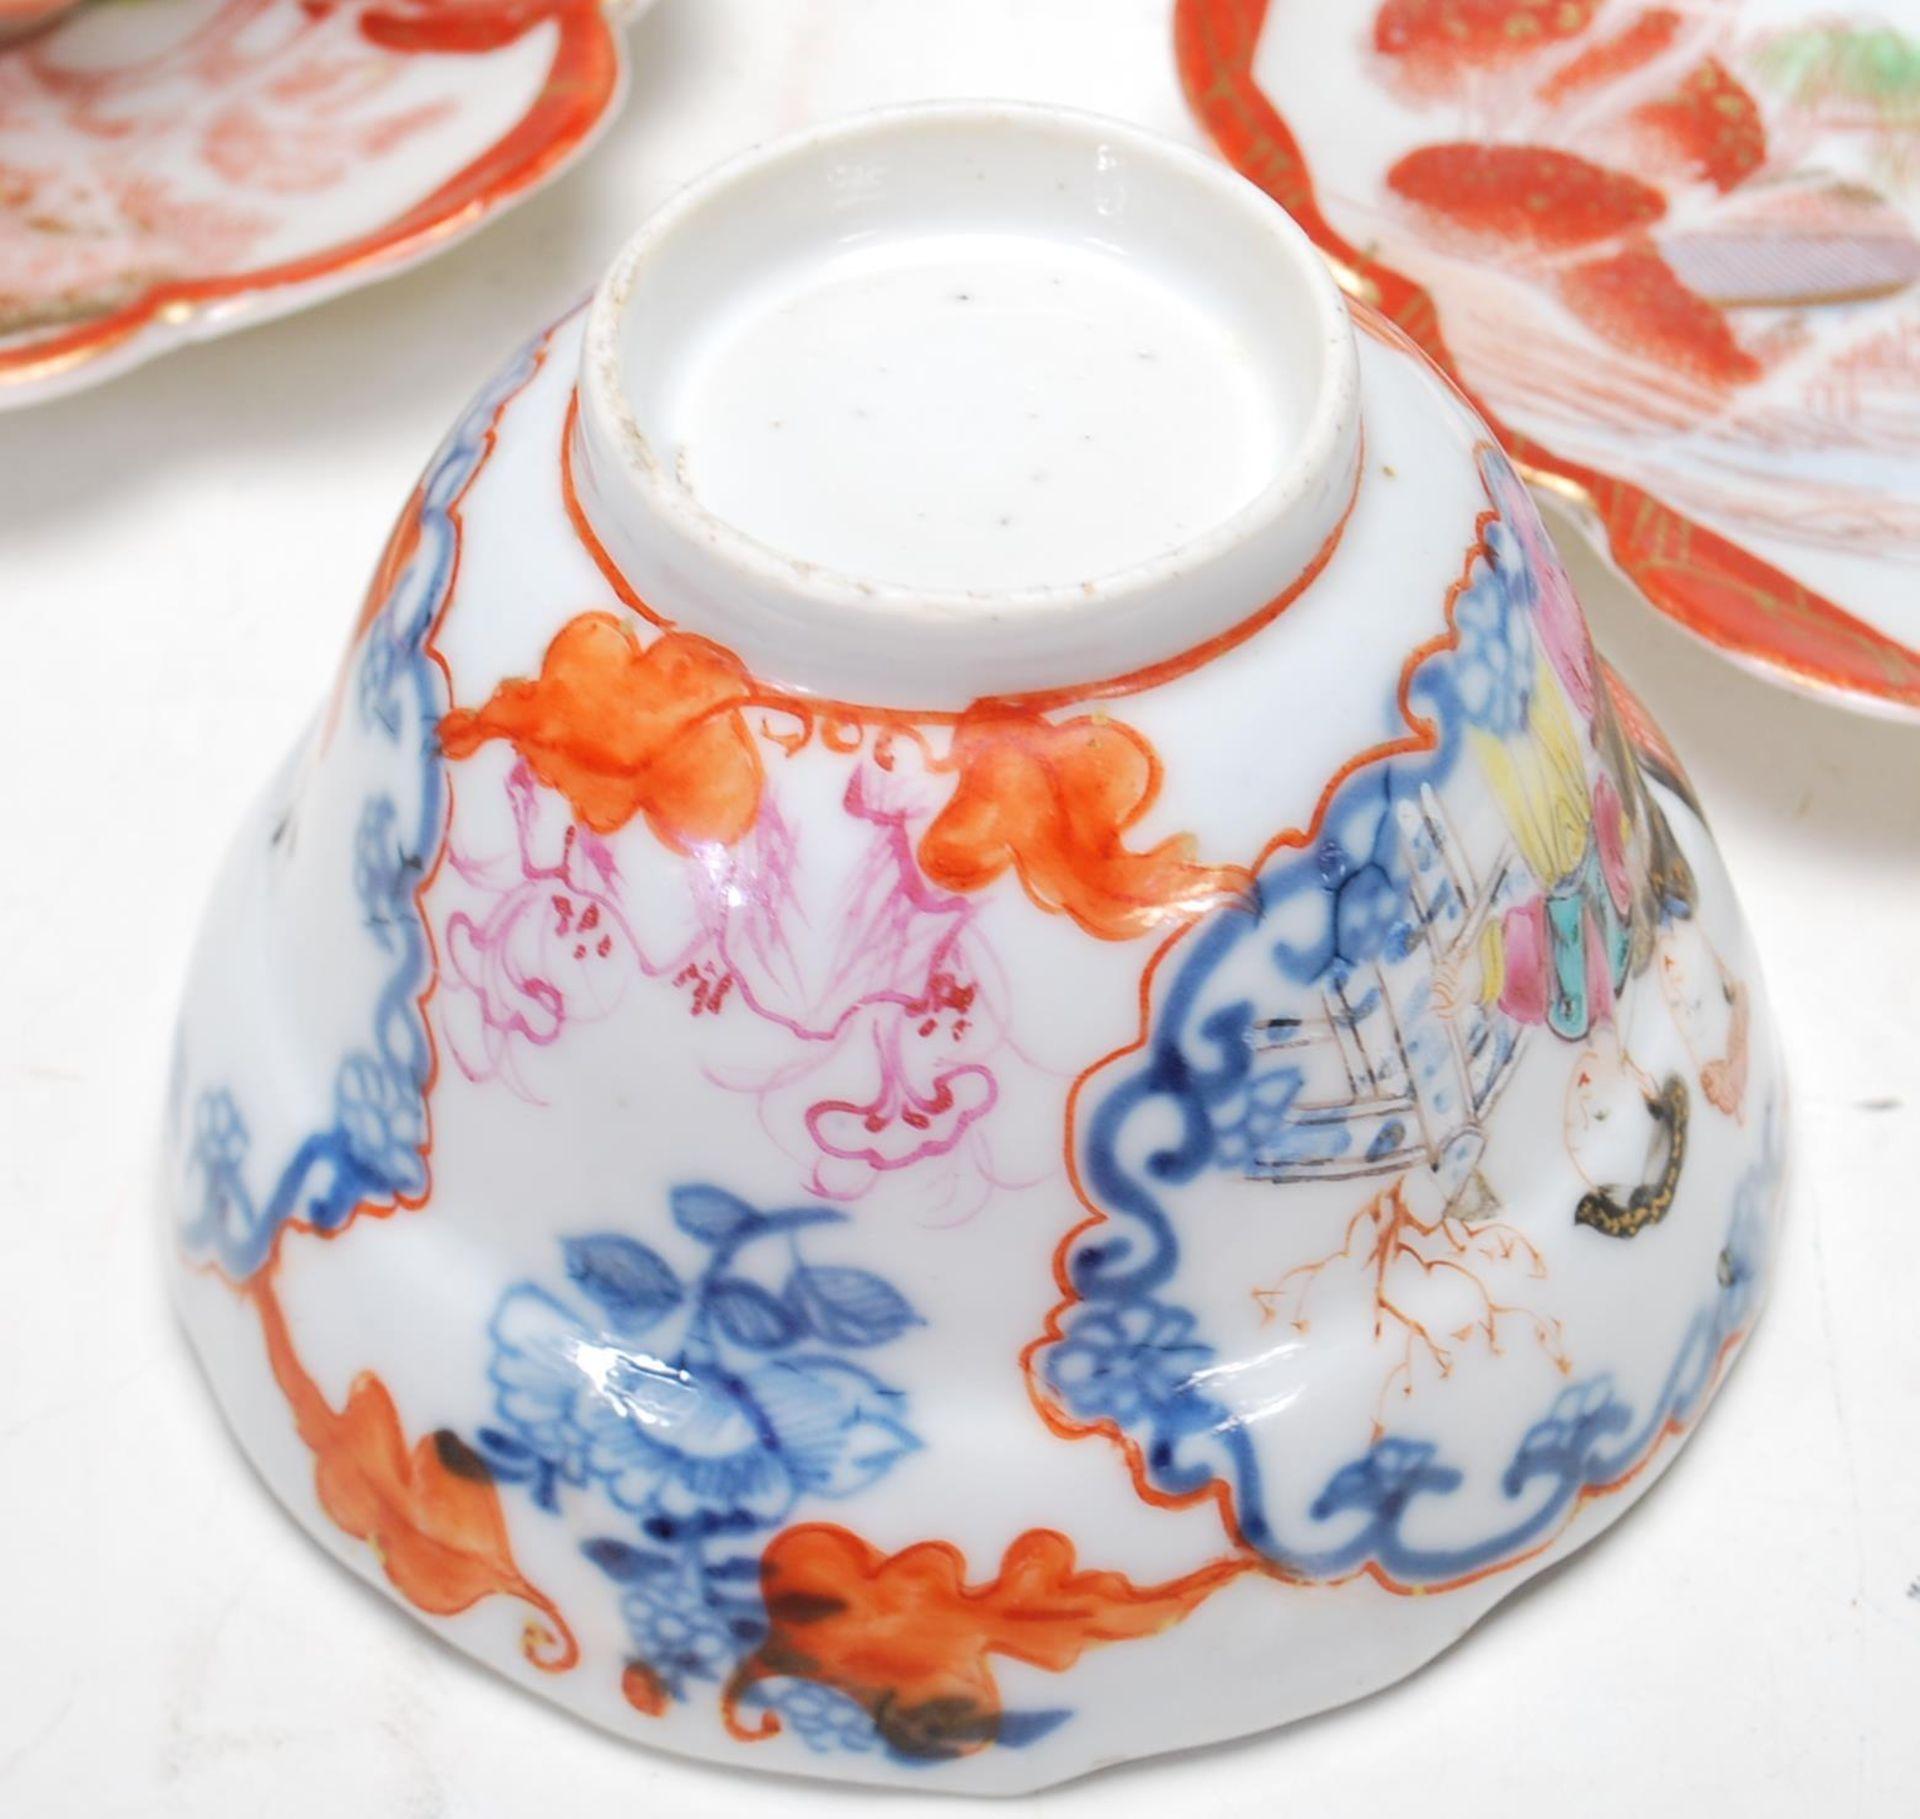 1950'S JAPANESE KUTANI TEA SETS - Image 10 of 12